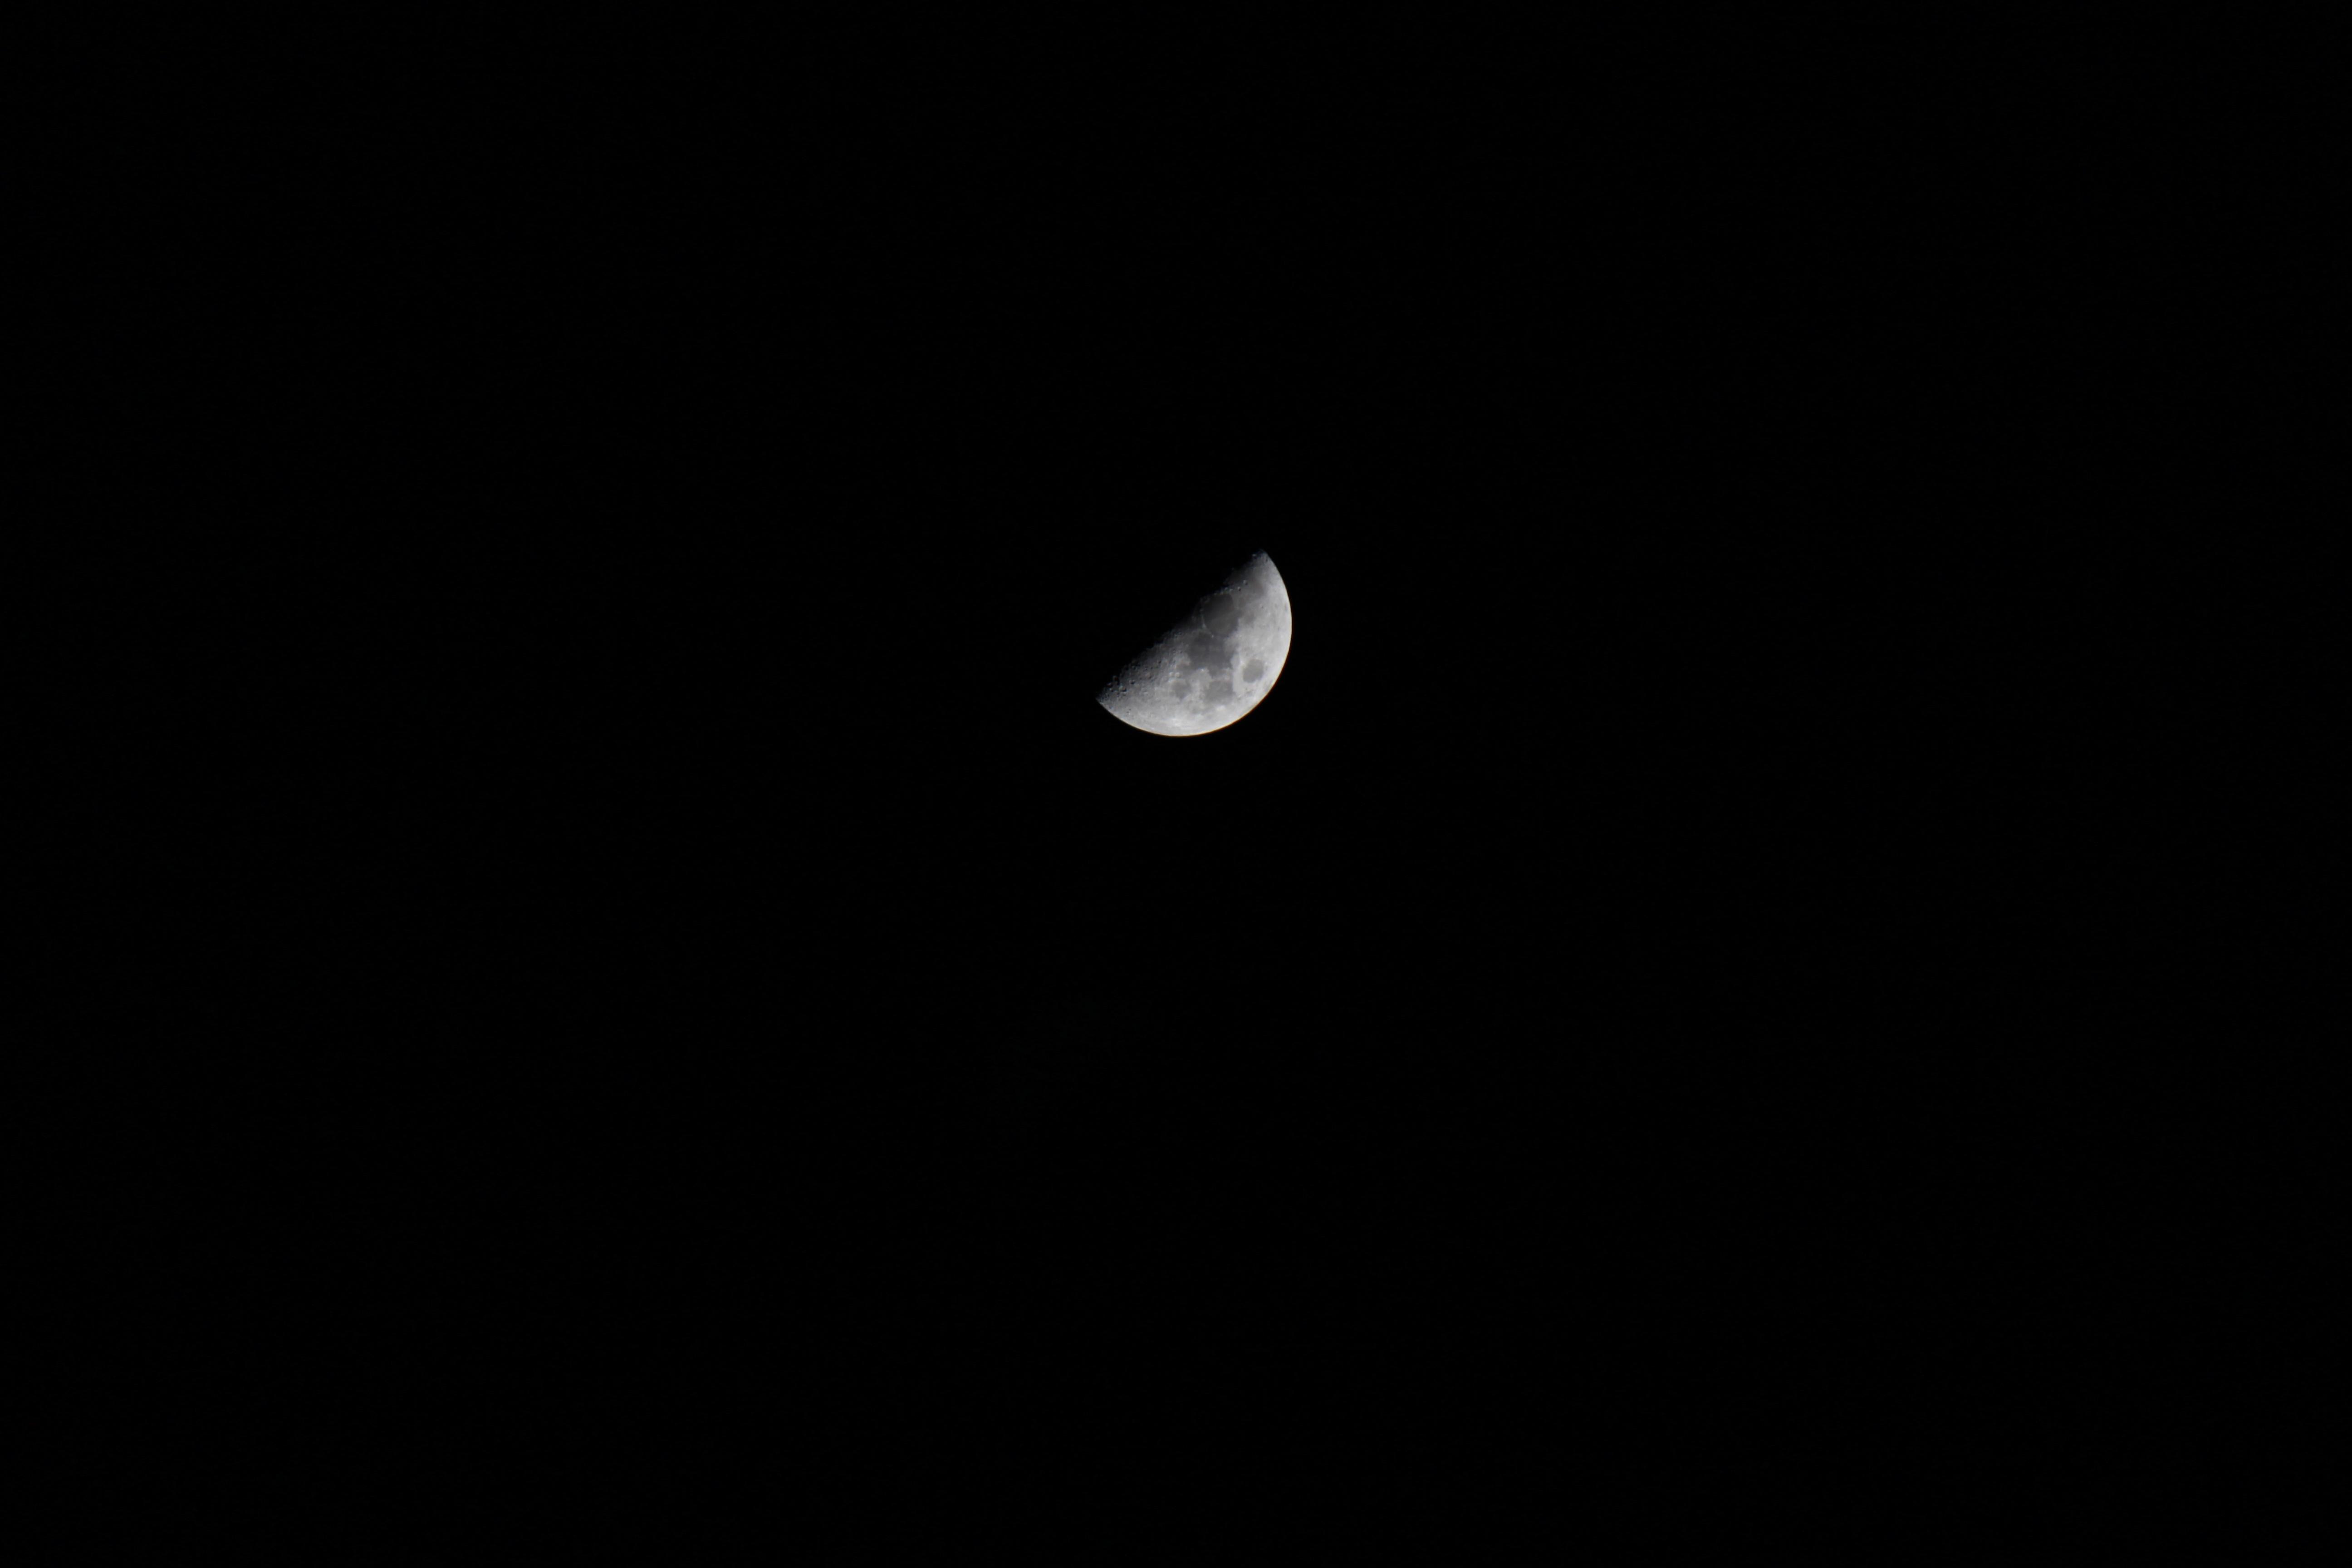 Gambar Malam Kegelapan Sinar Bulan Lingkaran Bulan Sabit